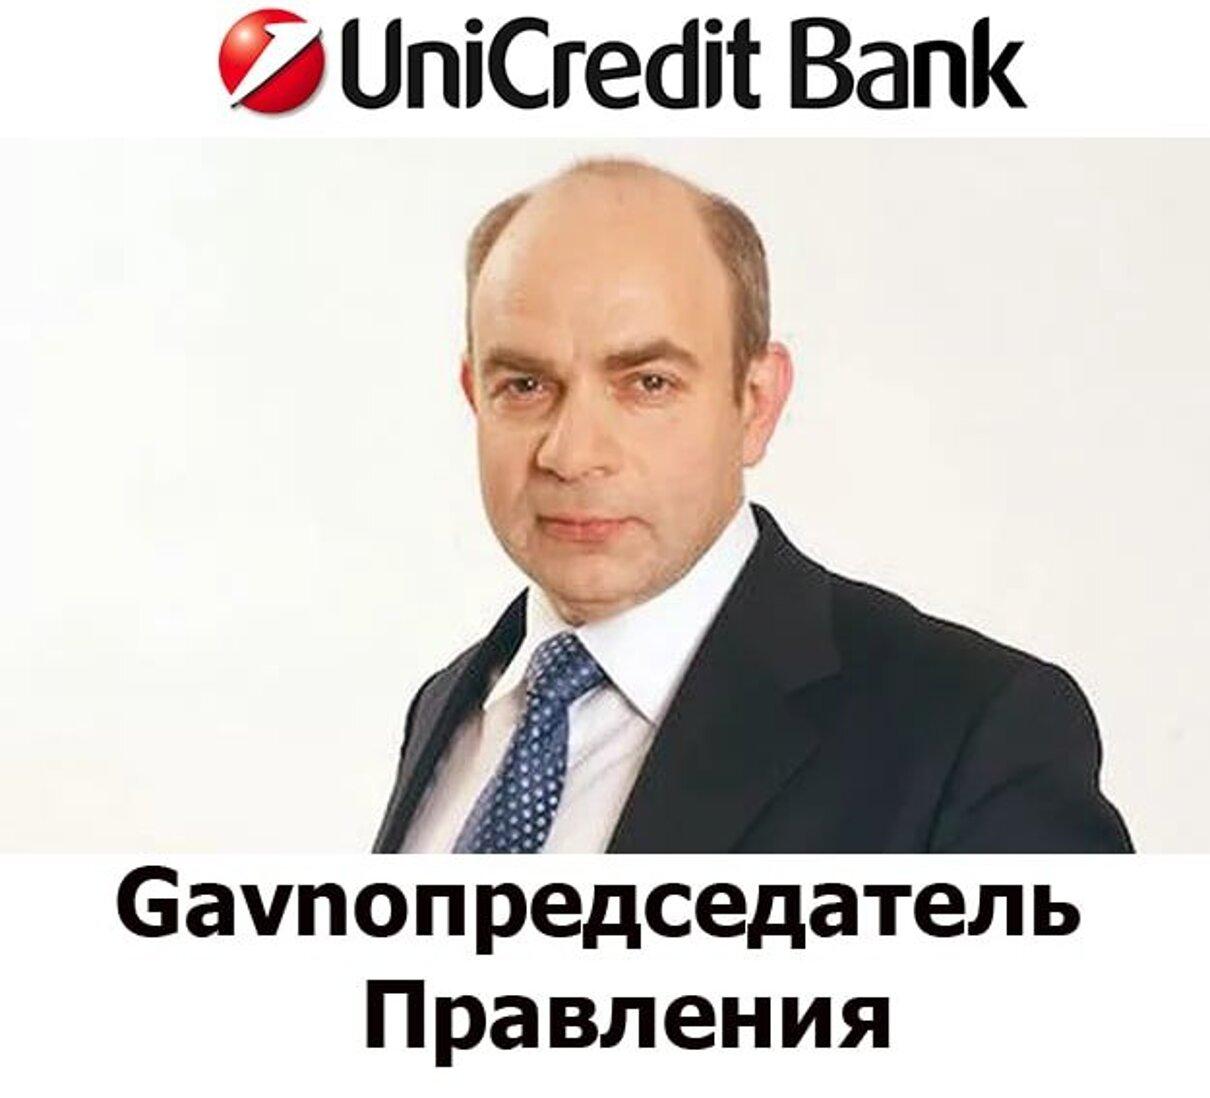 Жалоба-отзыв: ЮниКредит Банк - О Банке.  Фото №1